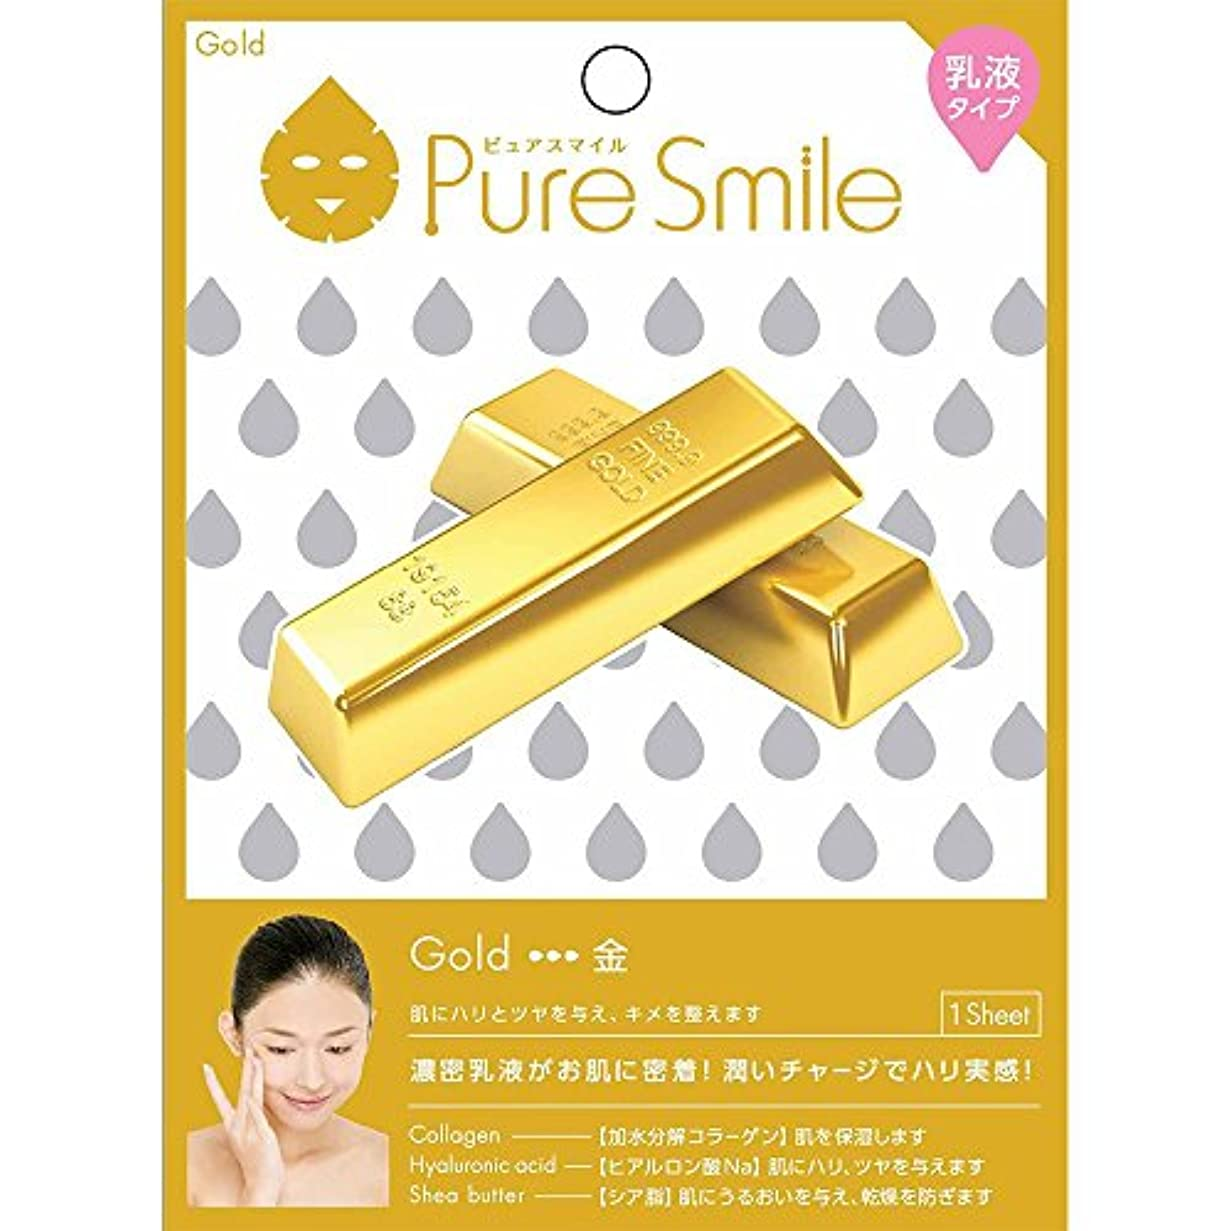 これらワーム抜け目のないPure Smile(ピュアスマイル) 乳液エッセンスマスク 1 枚 金